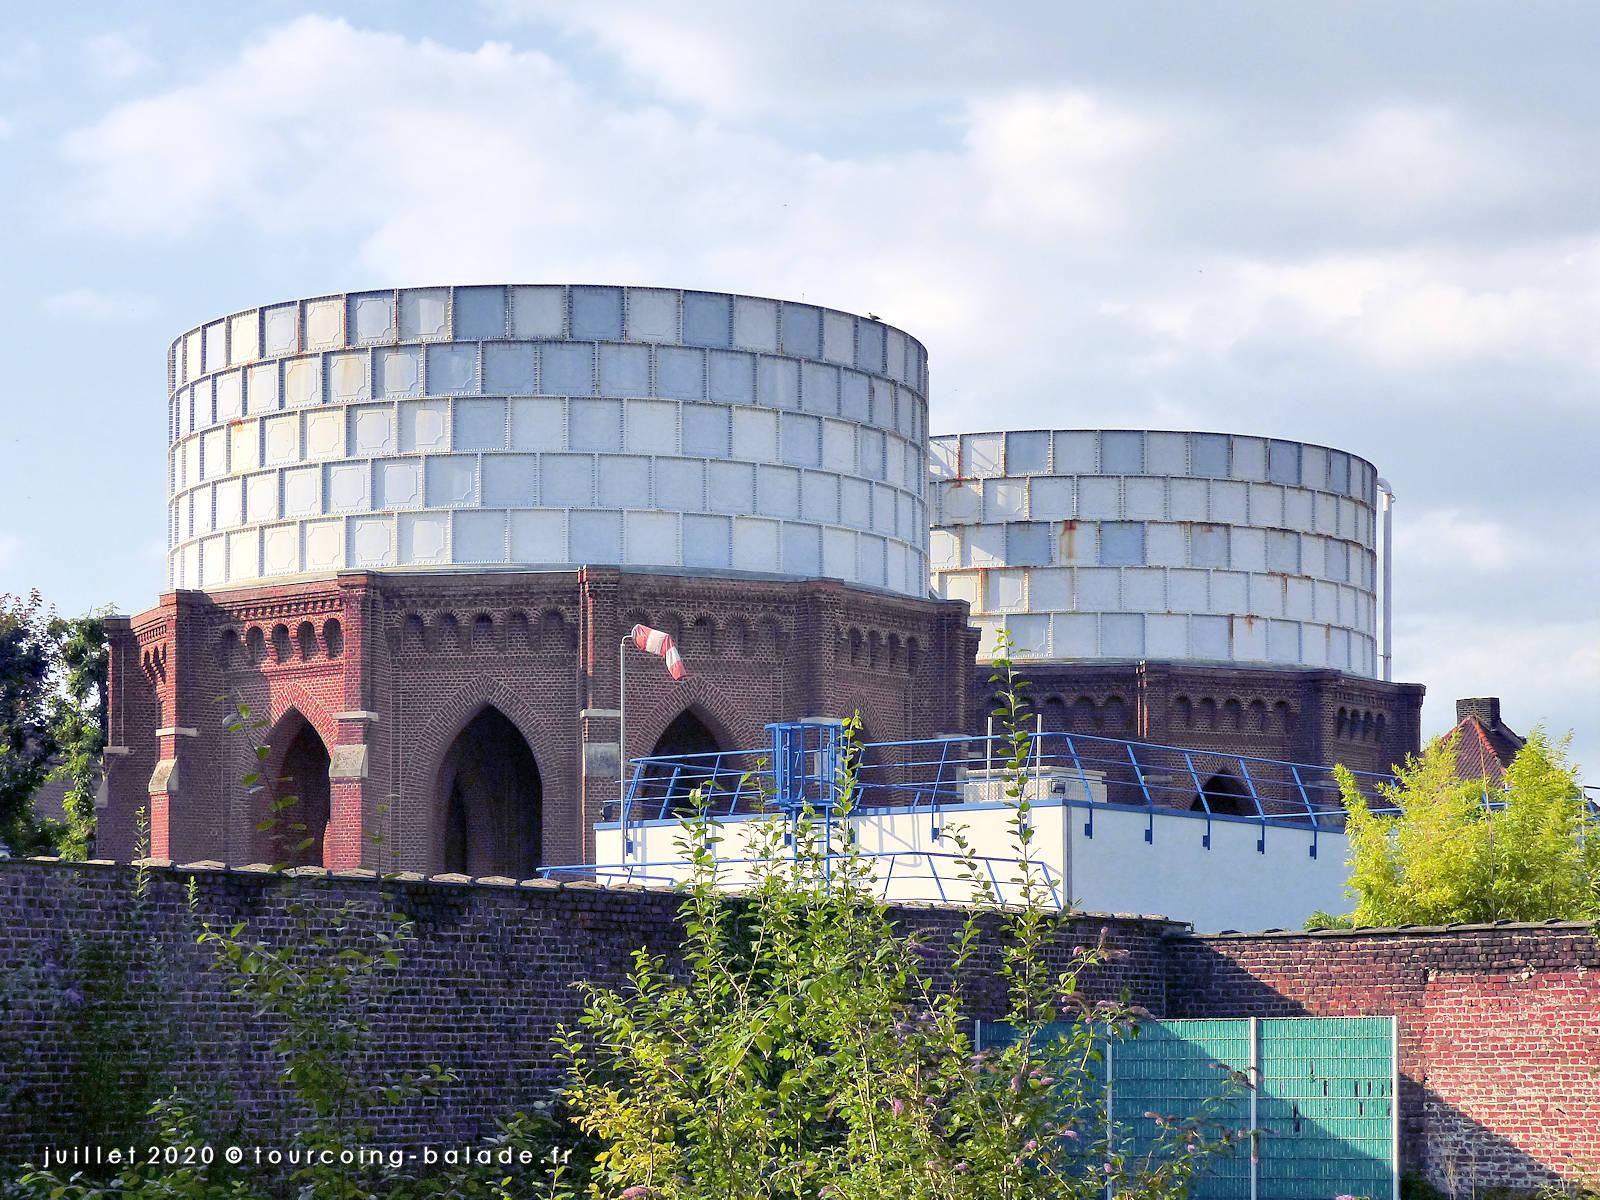 Châteaux d'Eau Soucéo MEL, Tourcoing 2020